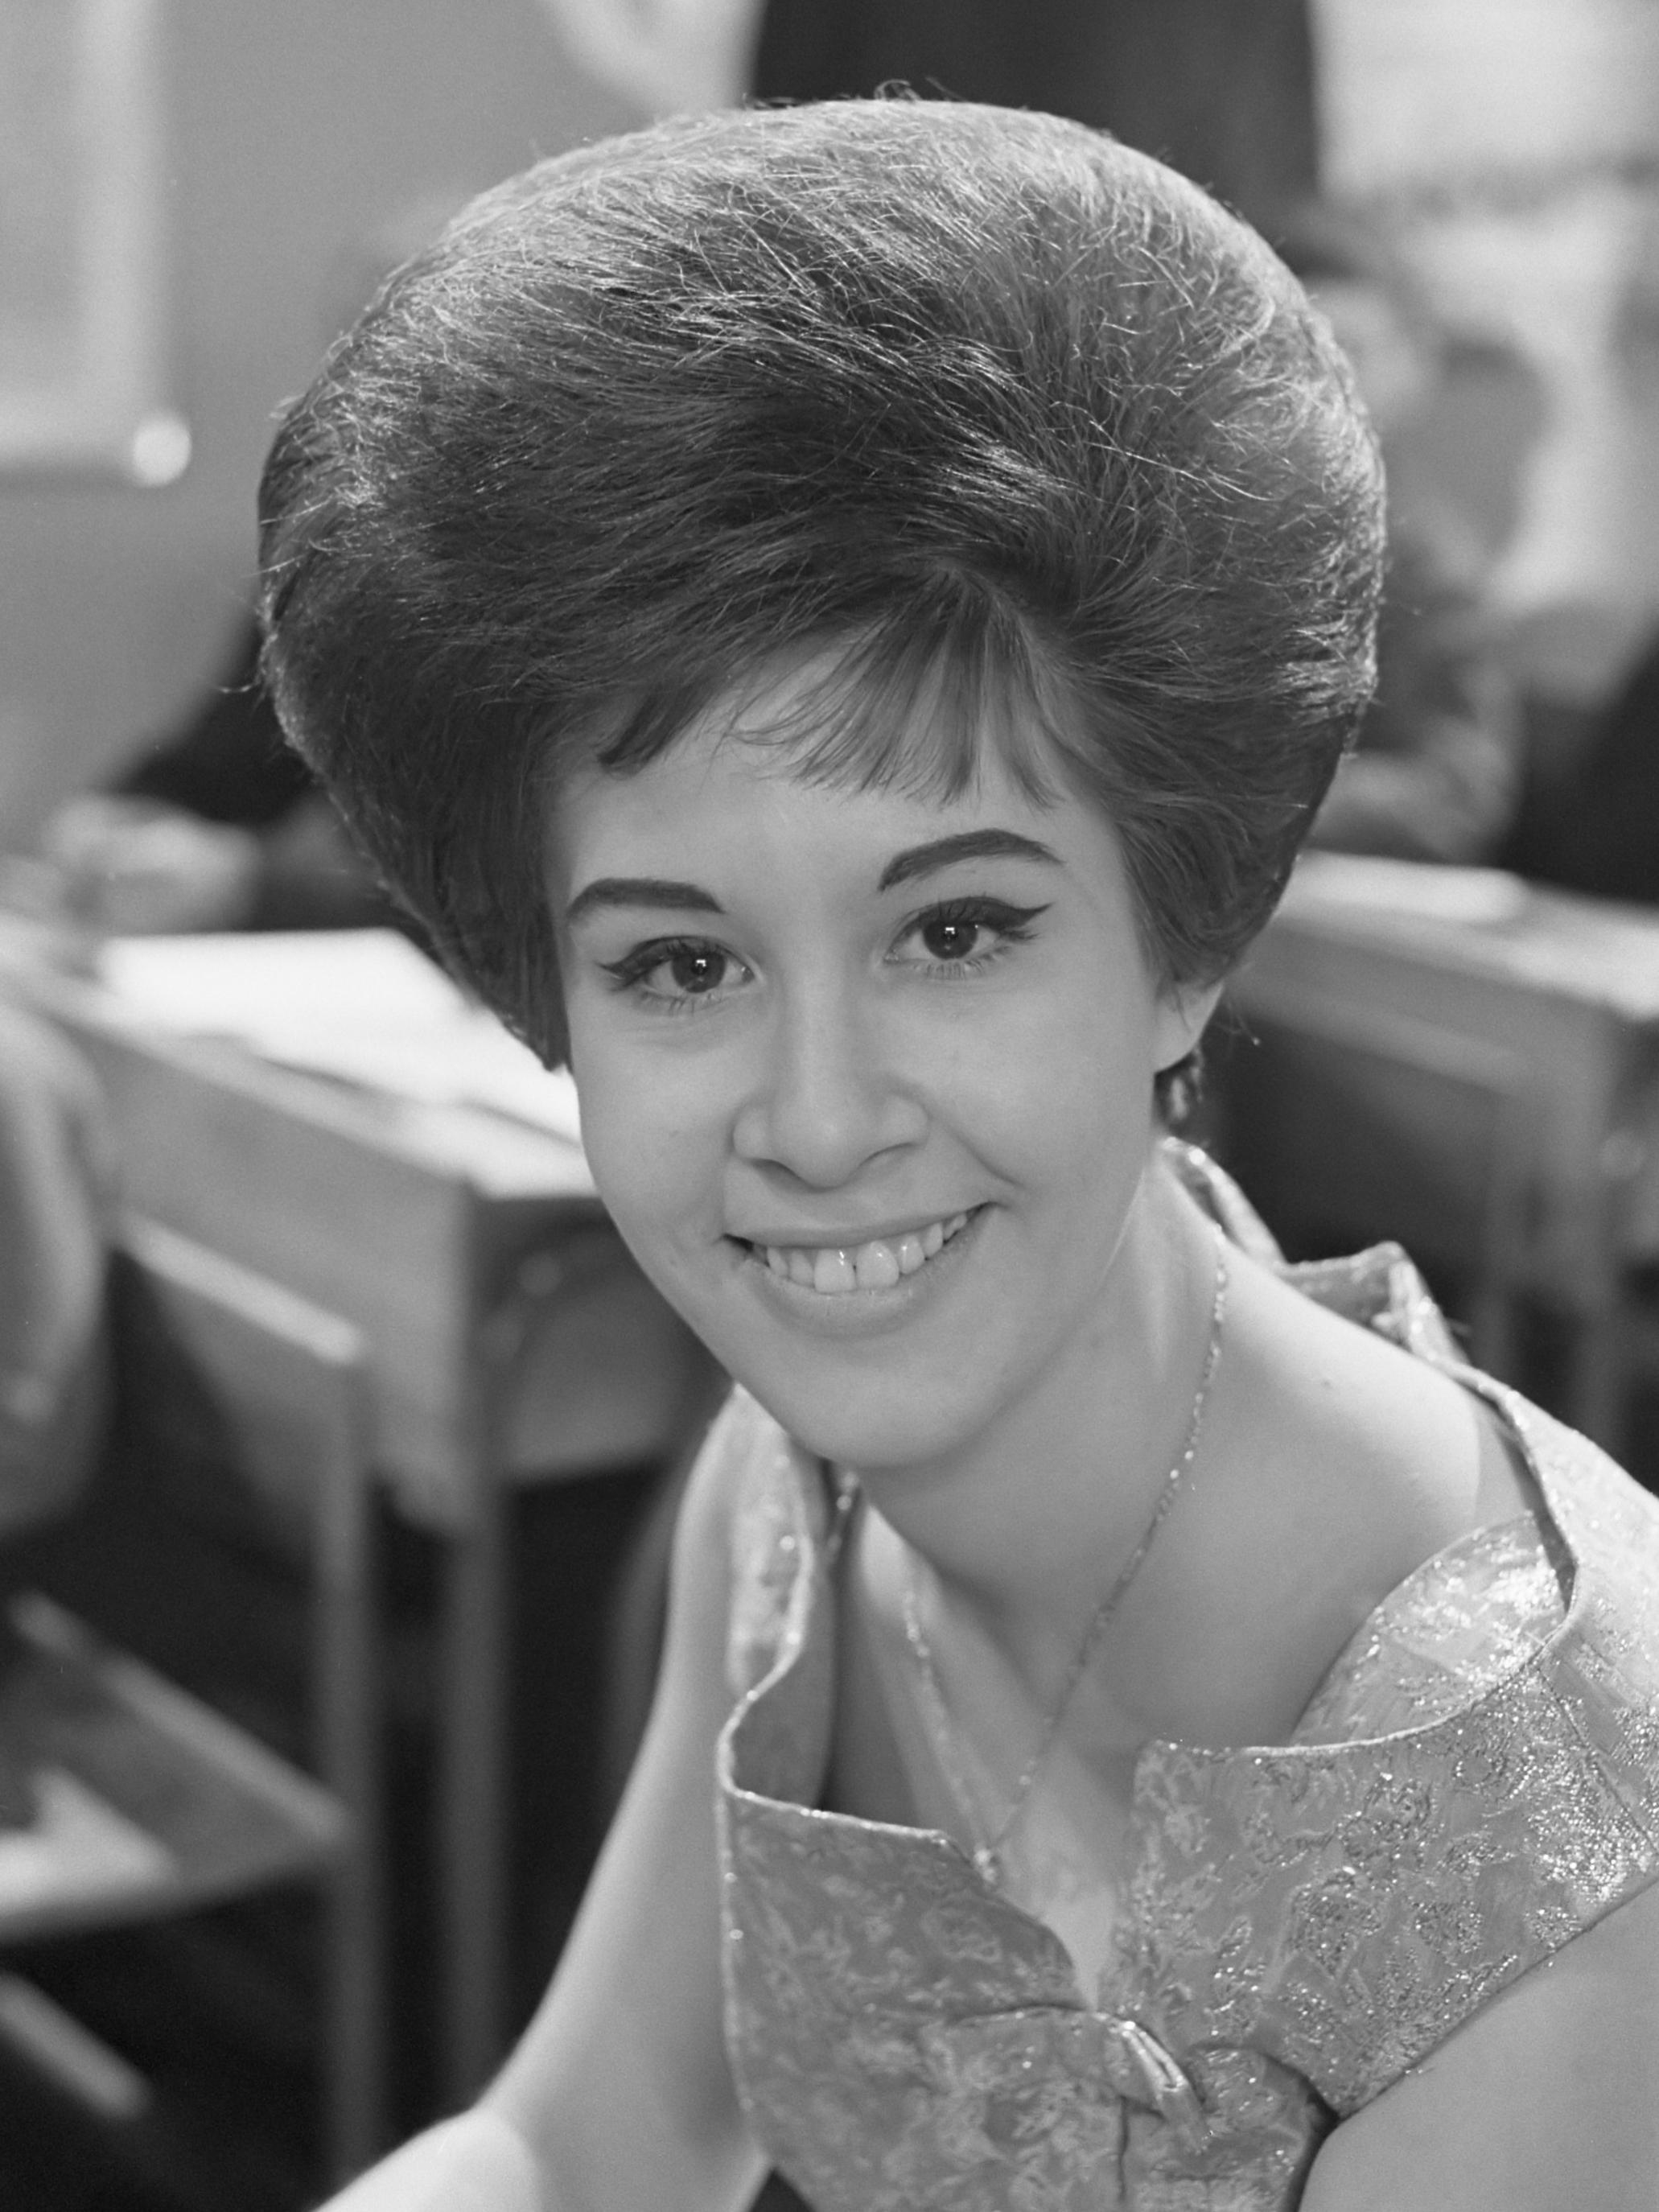 Helen Shapiro - Wikipedia